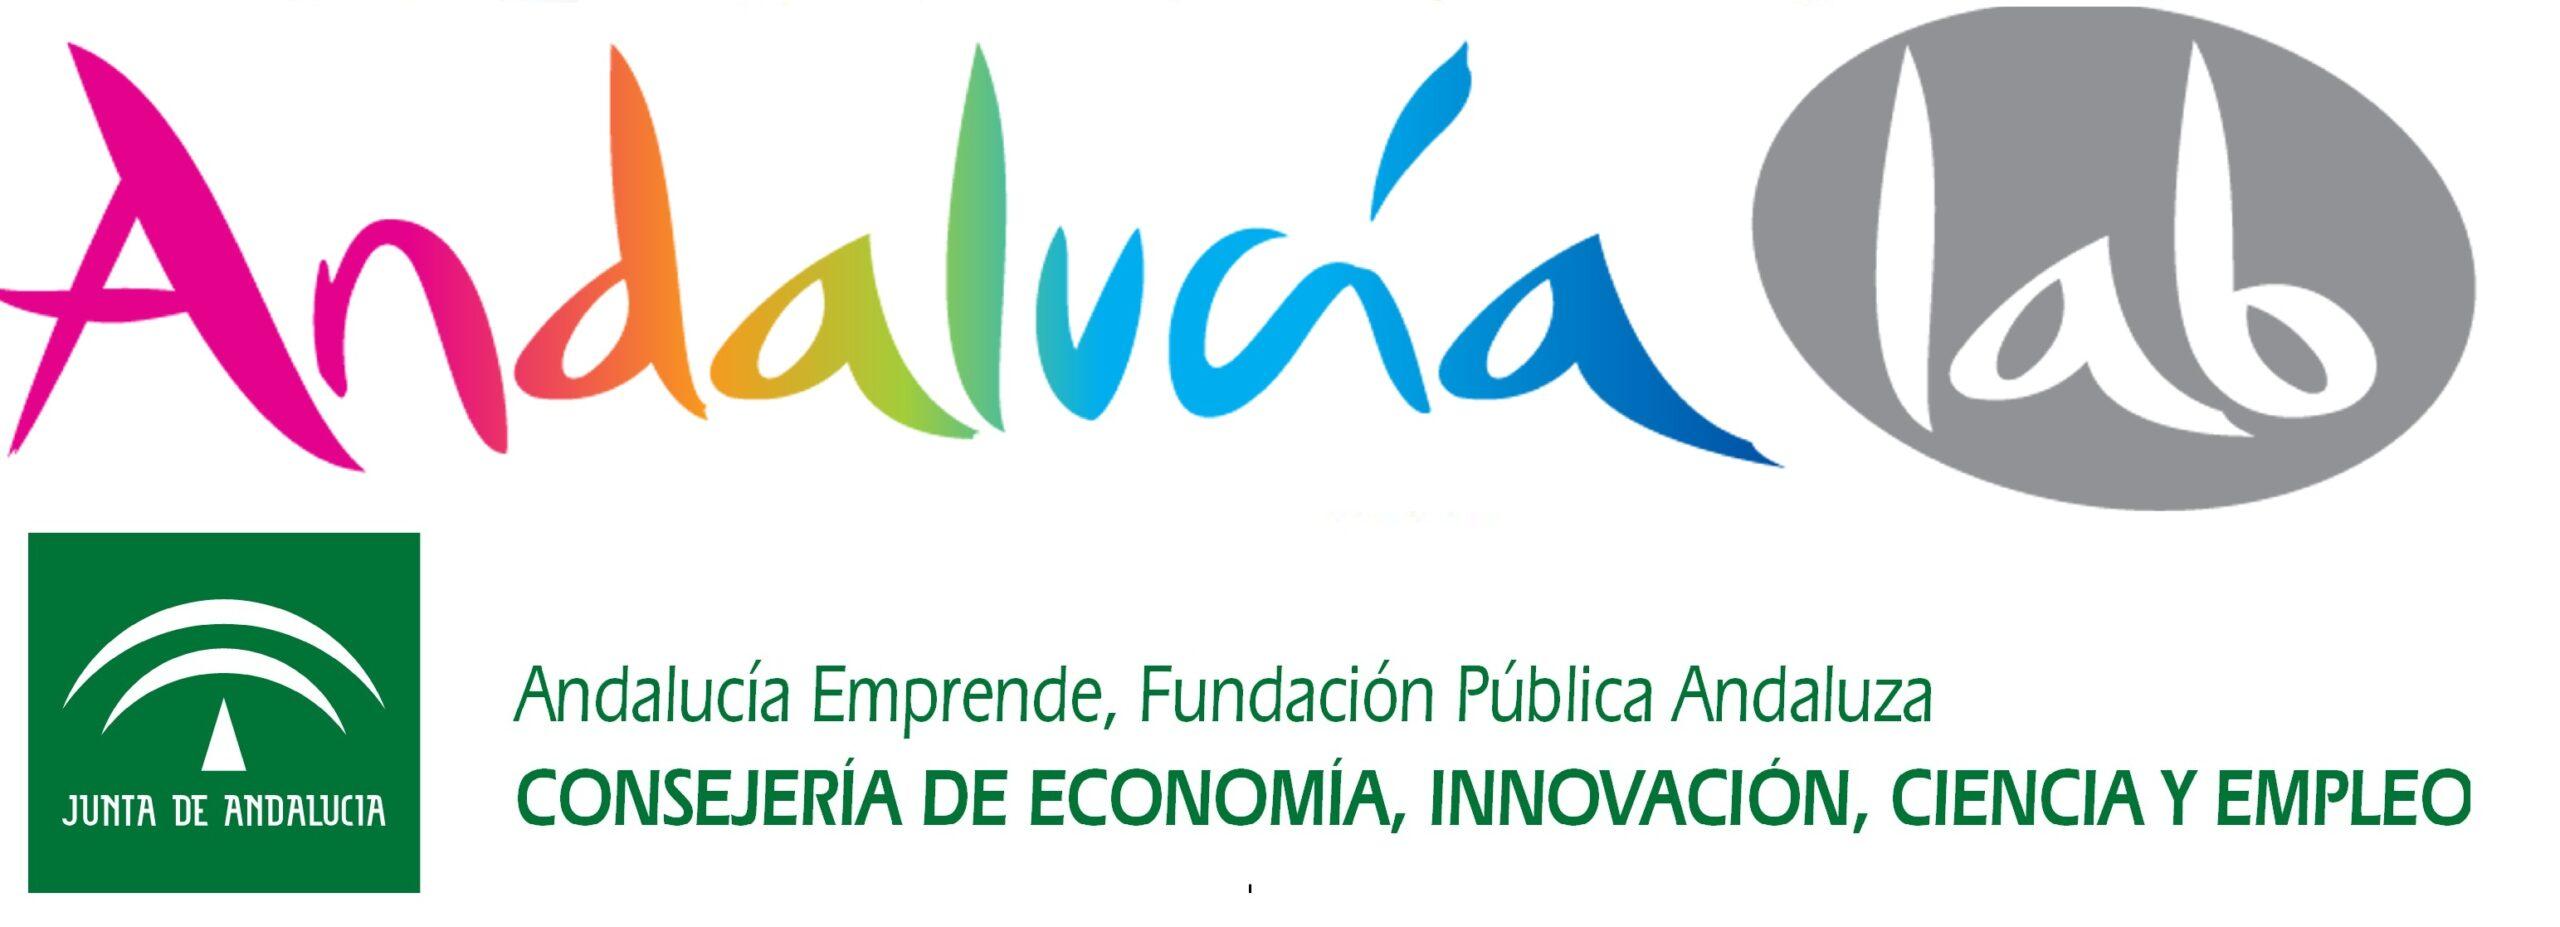 Sesión informativa Andalucía Emprende